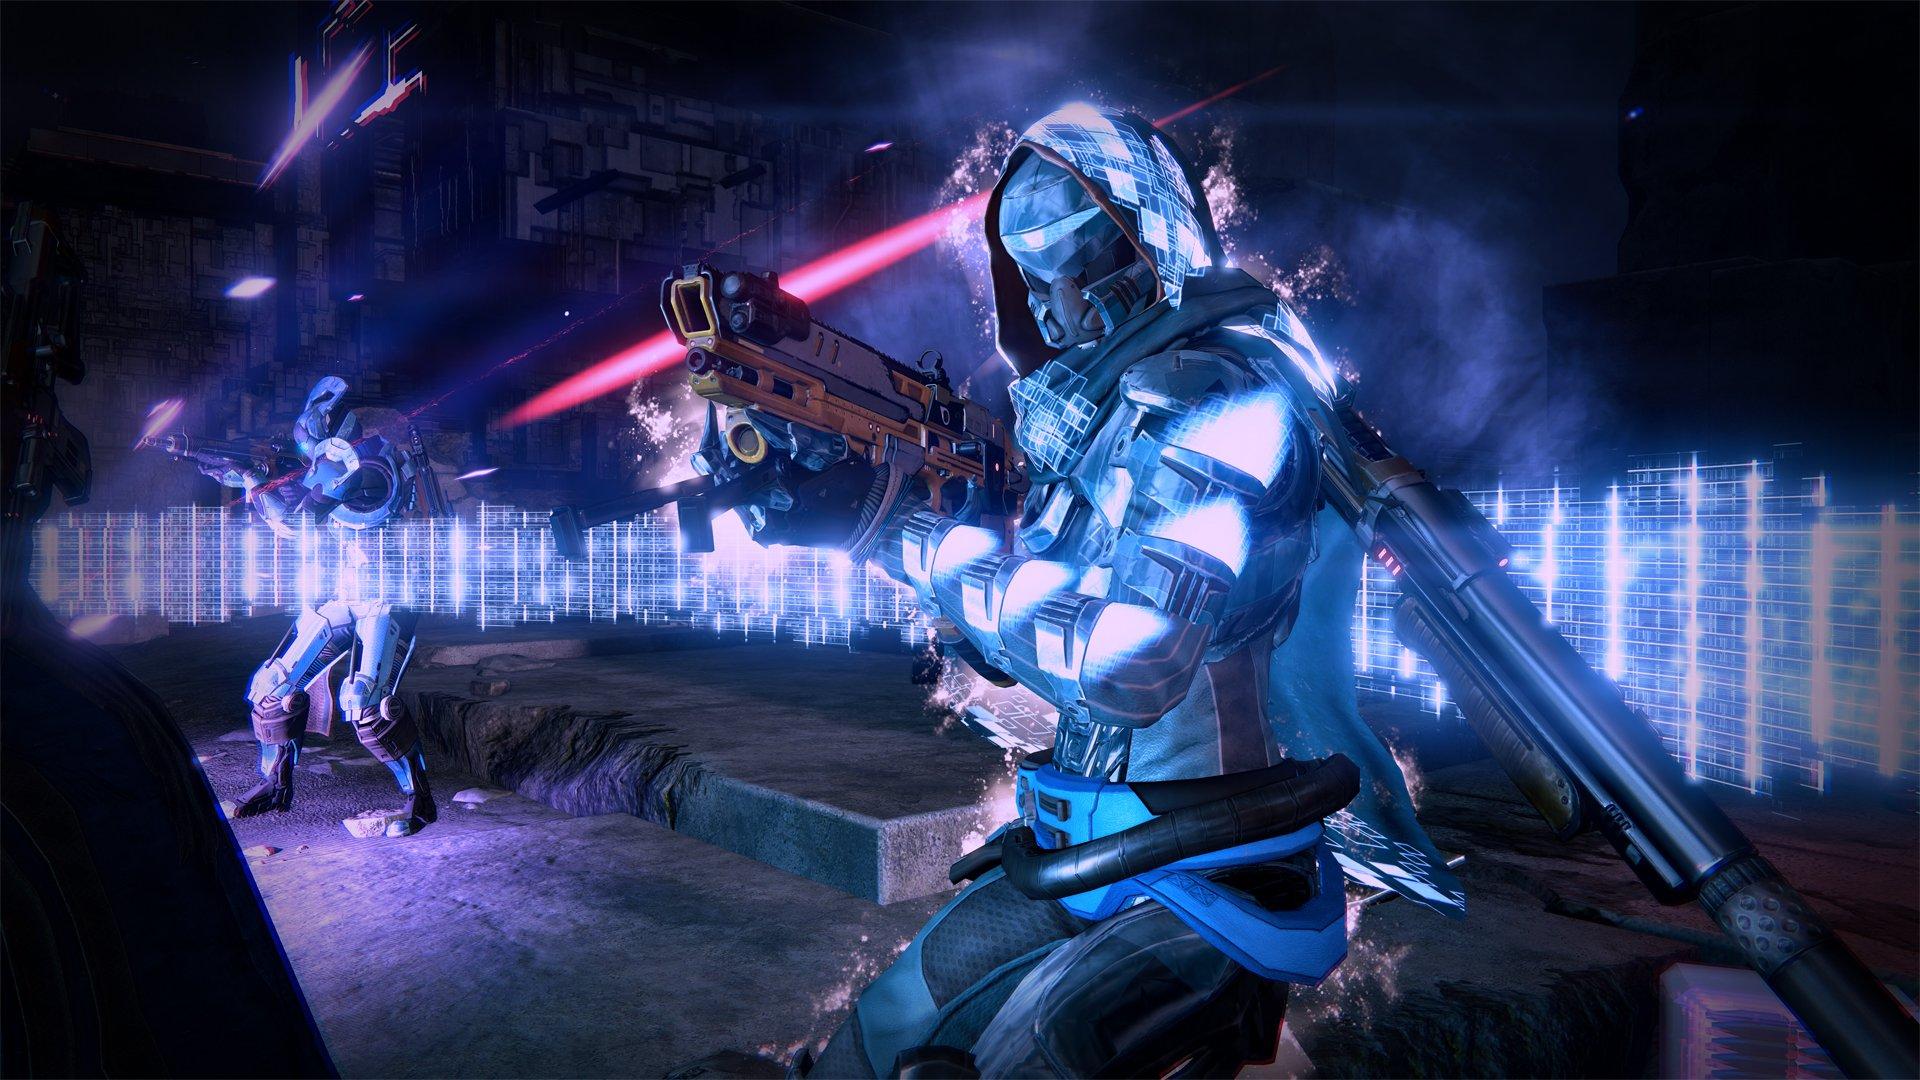 Destiny Gläserne Kammer: Raid-Loot – Waffen und Items in der Übersicht